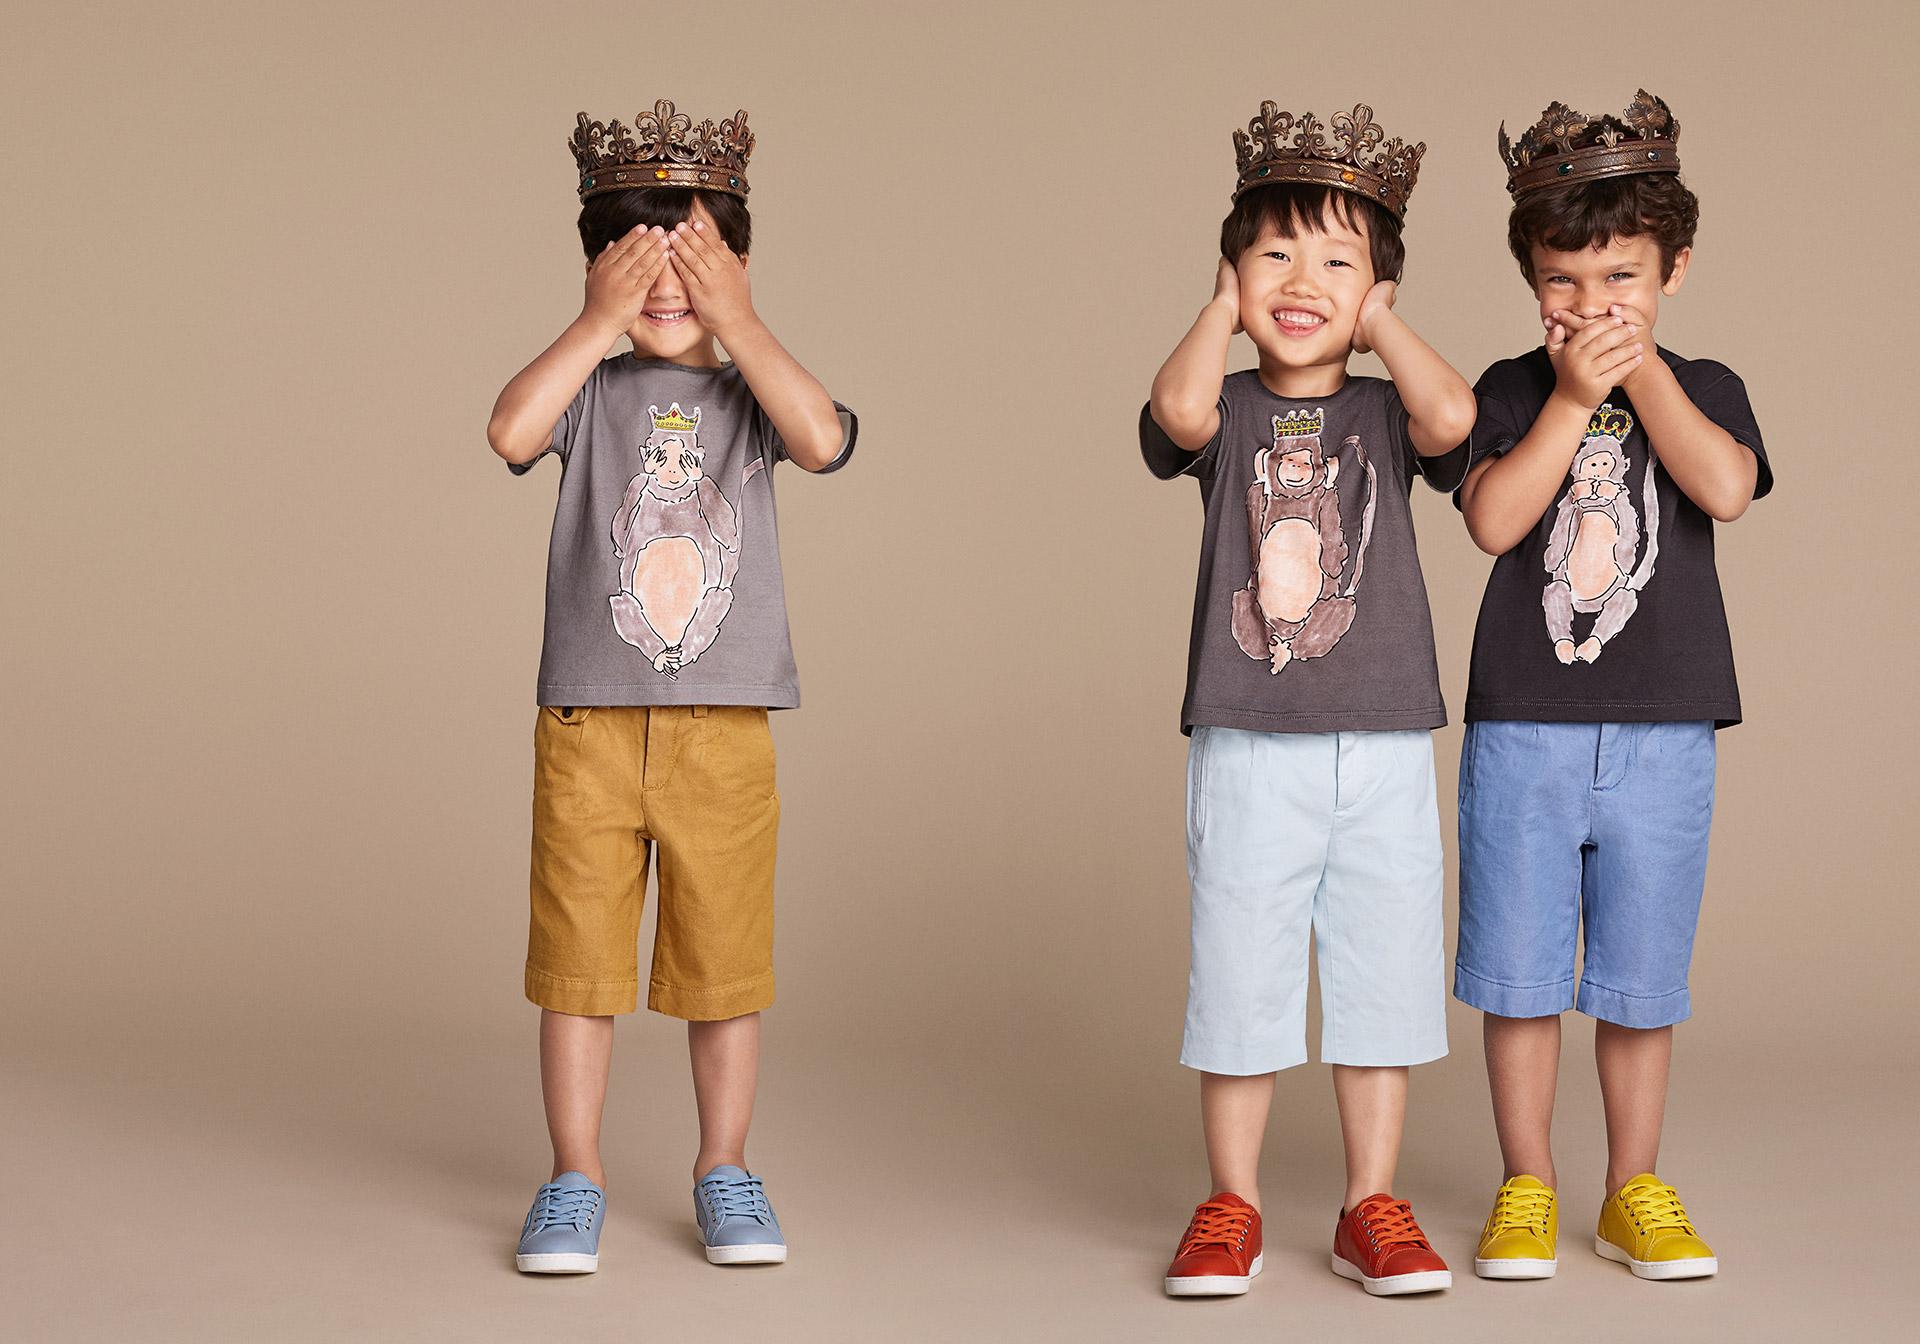 Новая коллекция для детей 2016 - футболки с детскими рисунками,шортами и яркой обувью.